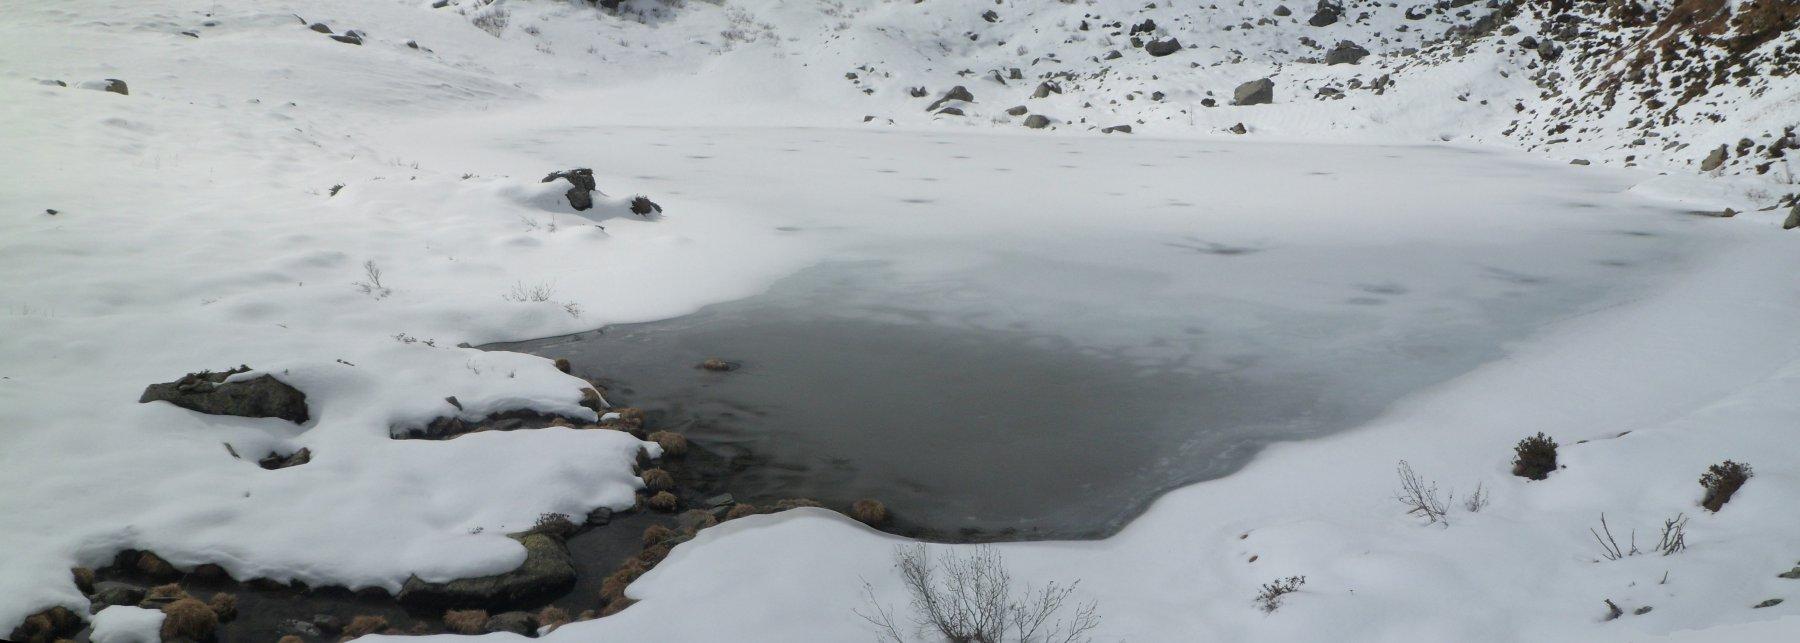 Pratofiorito (Lago di) da Gavie 2019-04-20